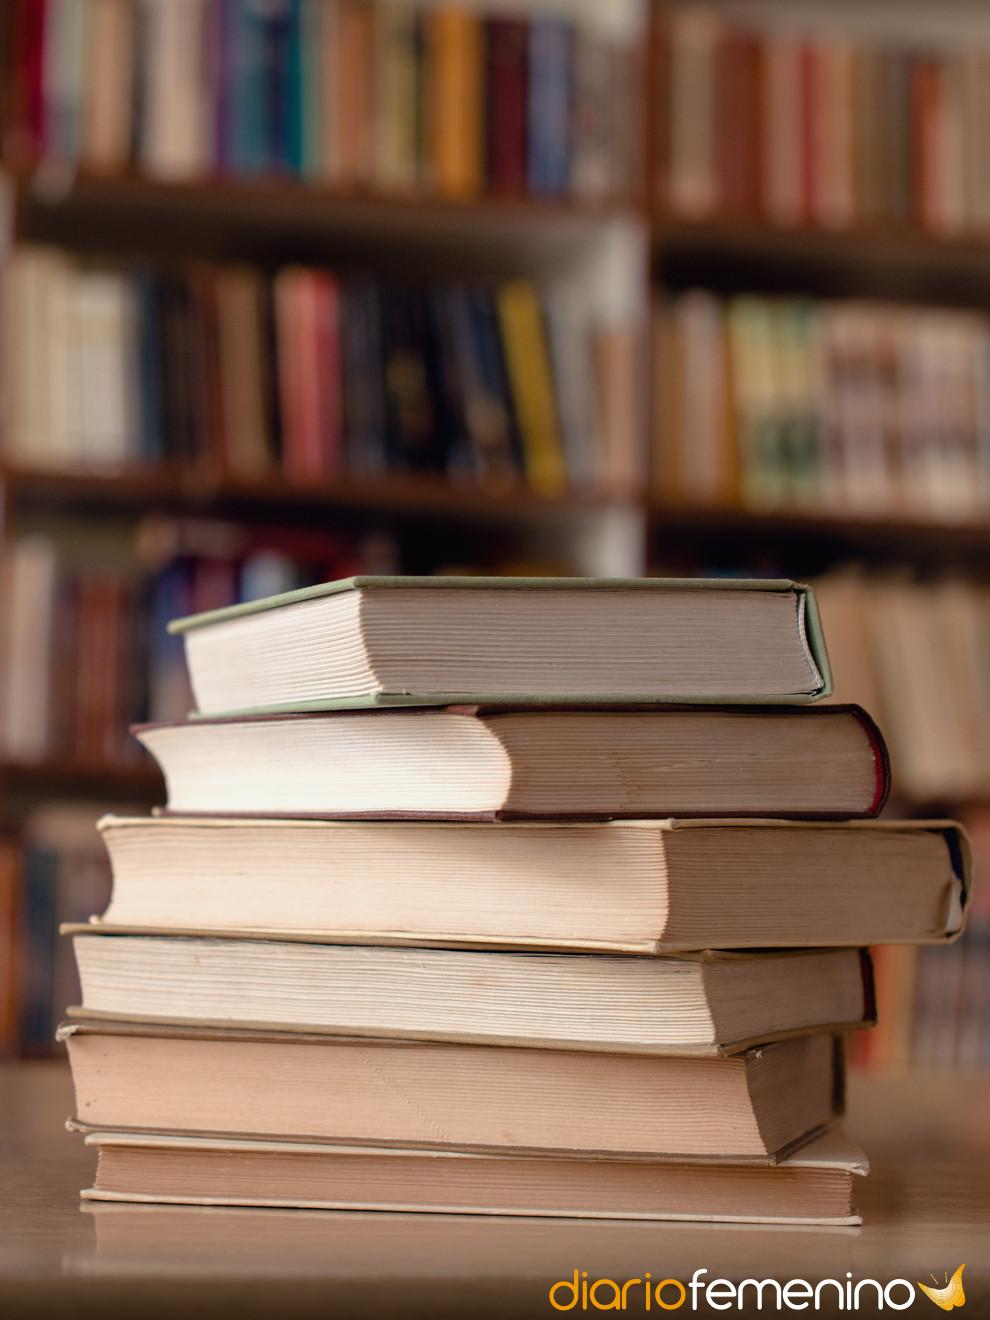 126 Frases Bonitas De Libros Fragmentos Literarios Que No